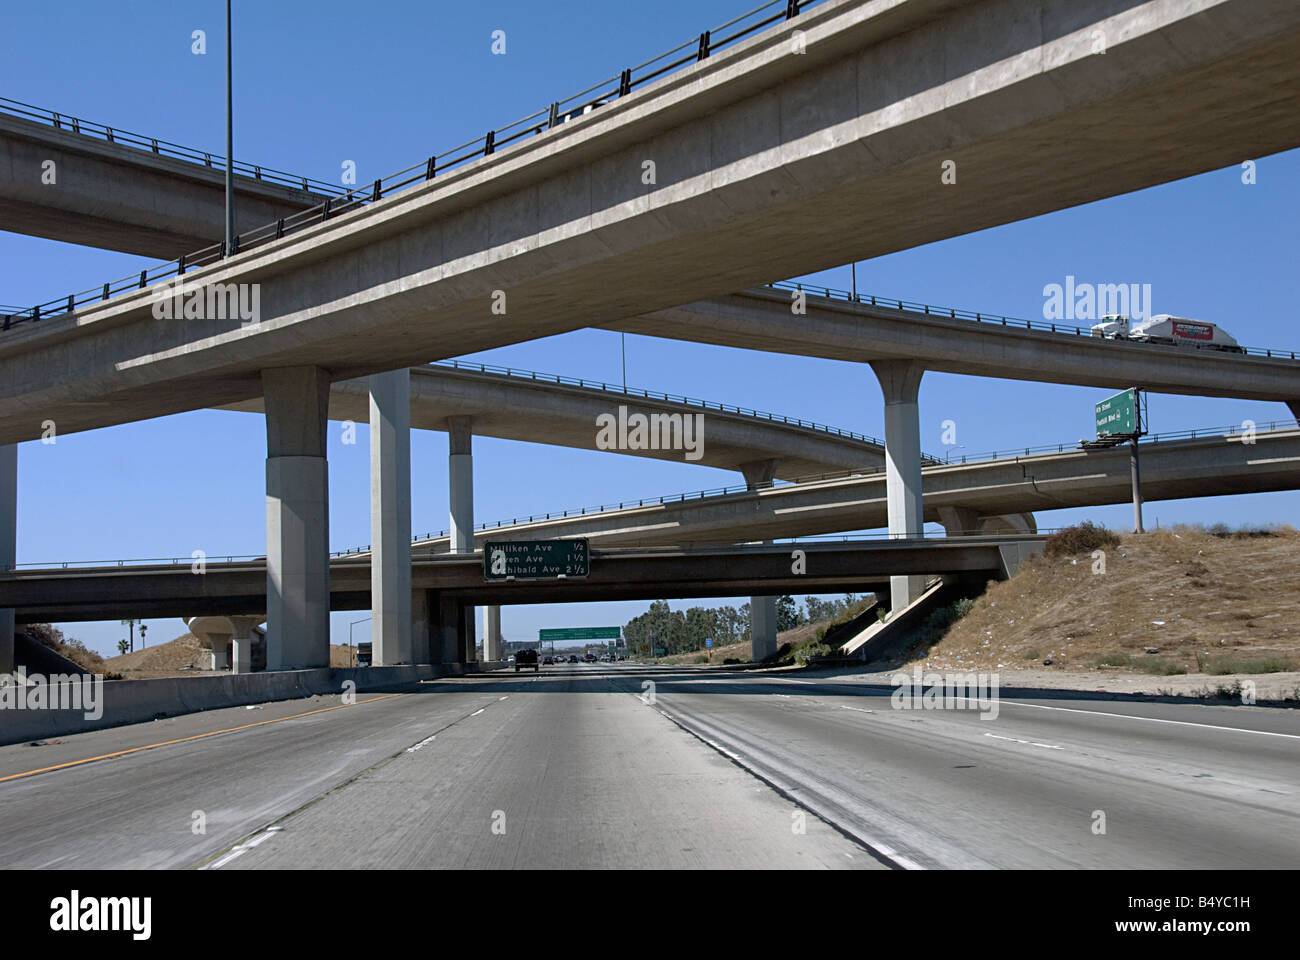 Ontario California Stock Photos Ontario California Stock Images